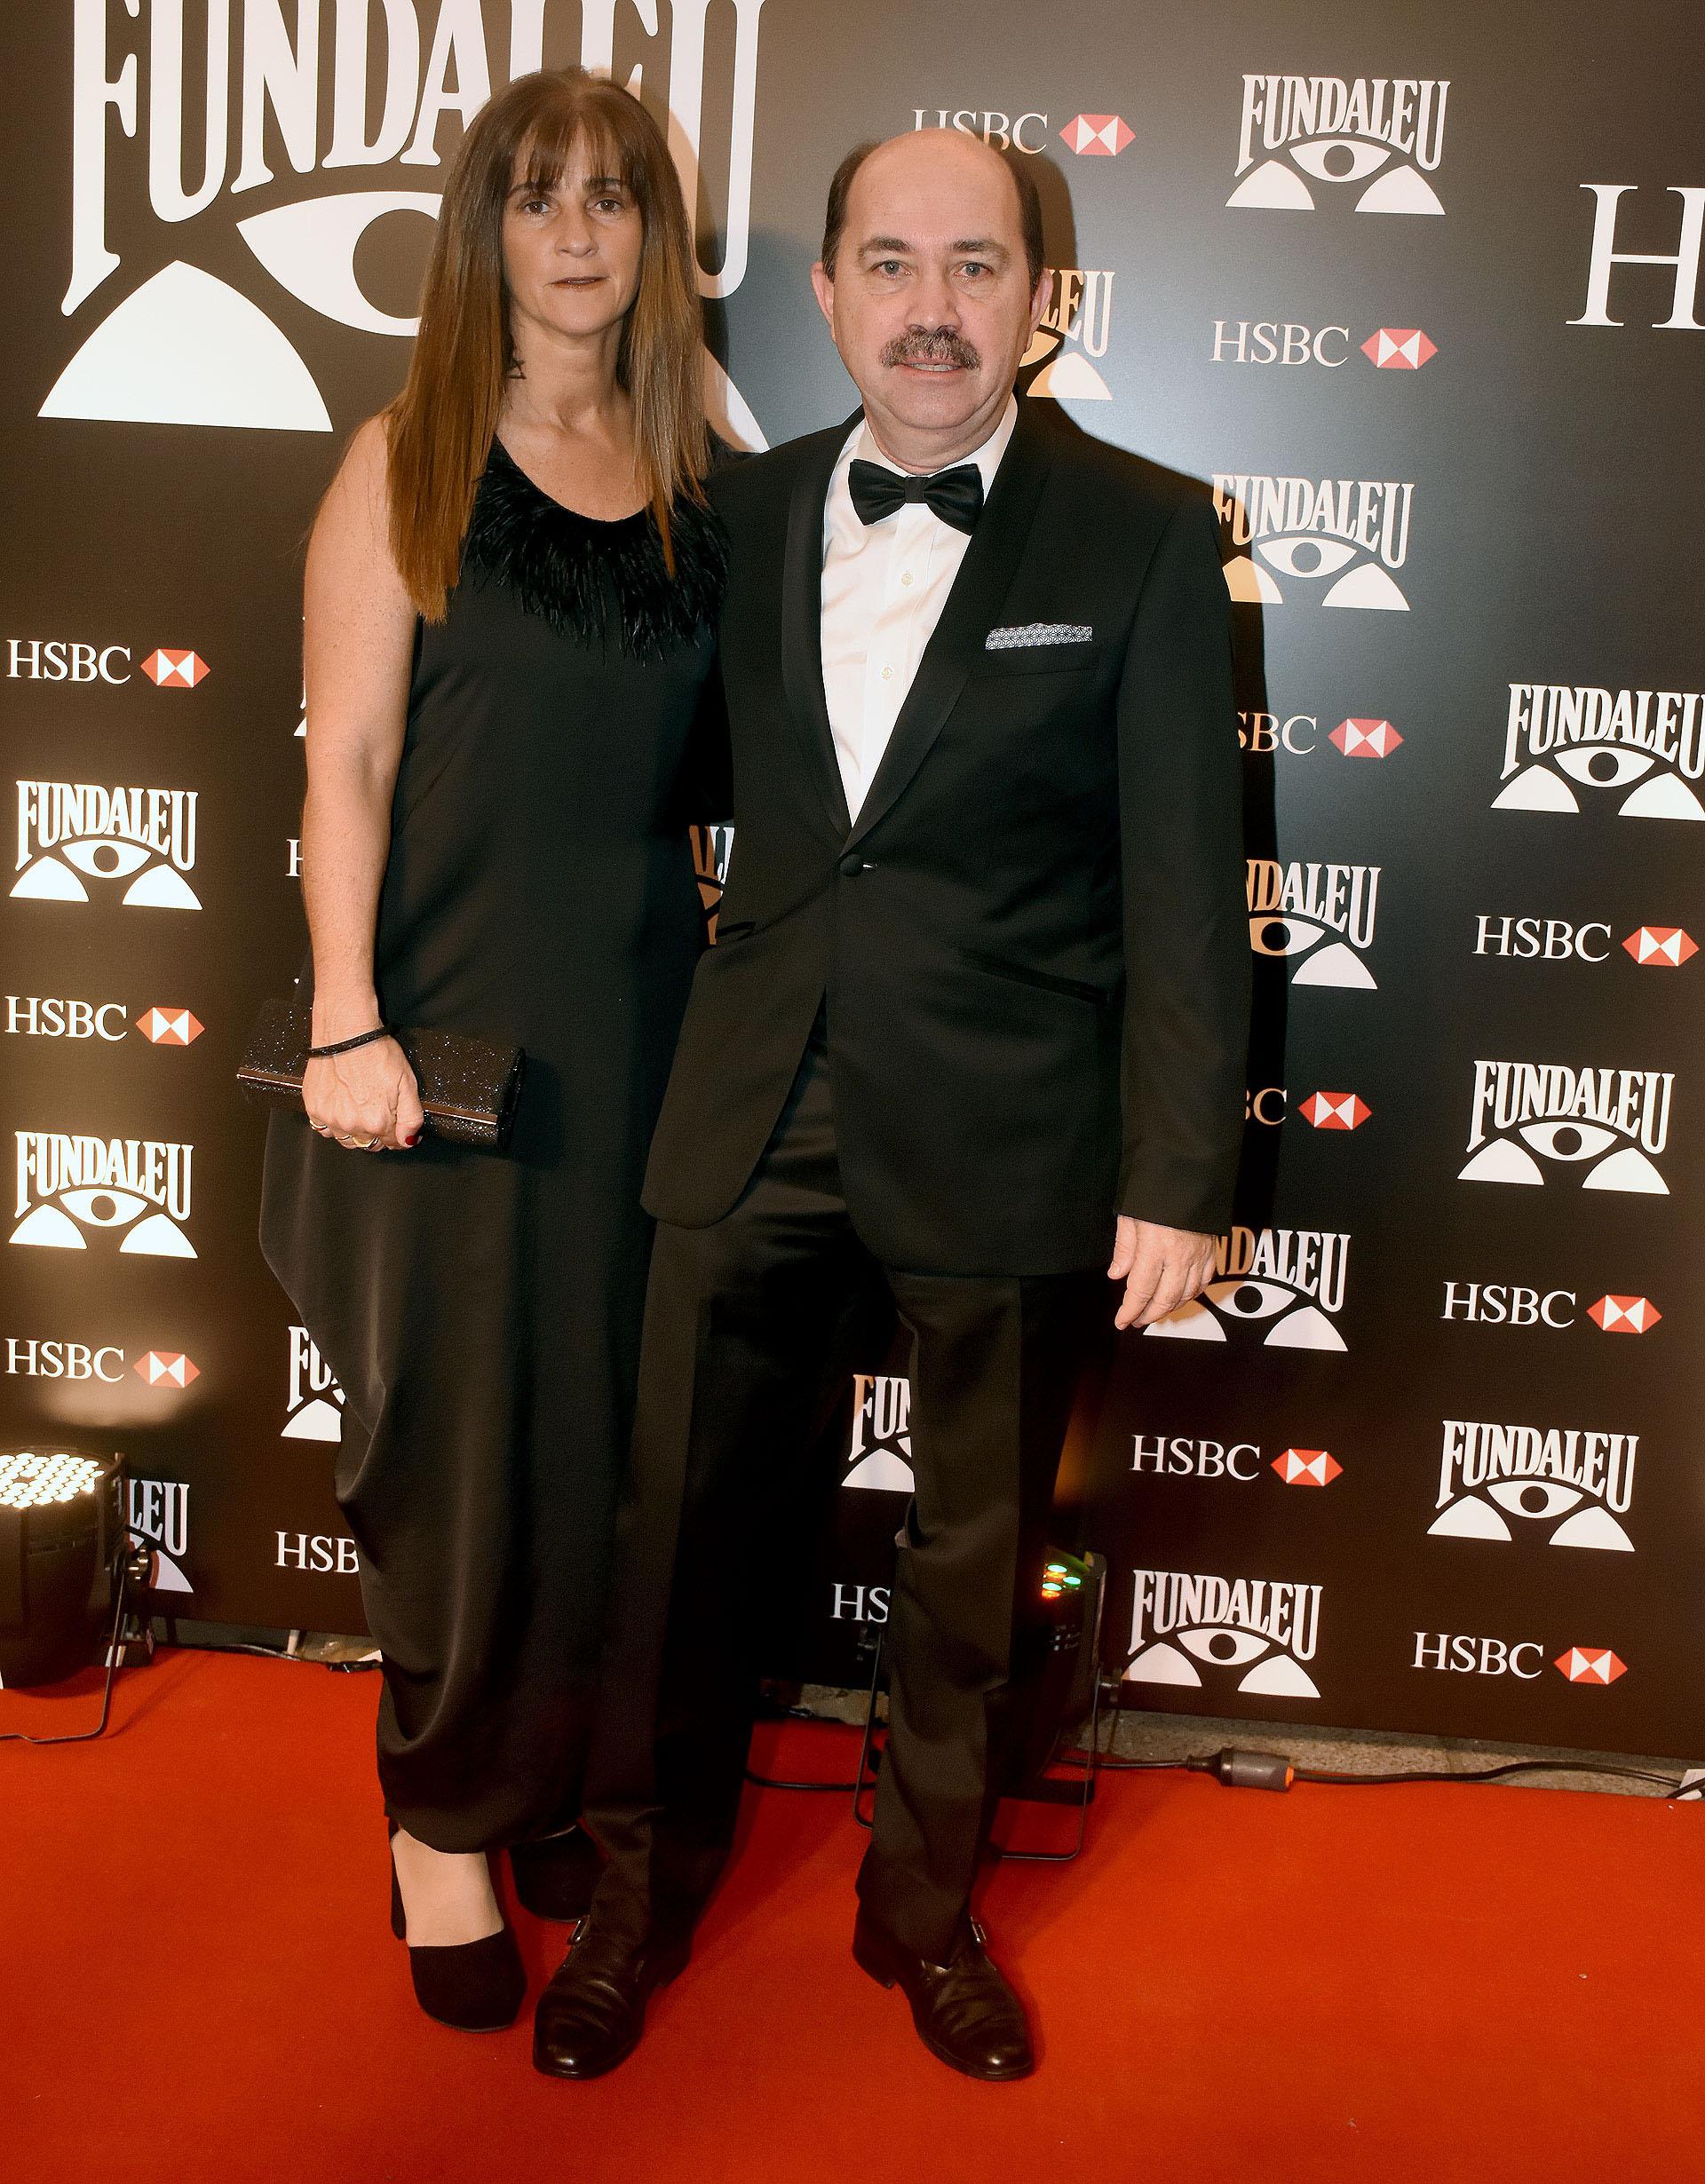 El presidente del Banco Ciudad, Javier Ortiz Batalla, y su mujer Carla